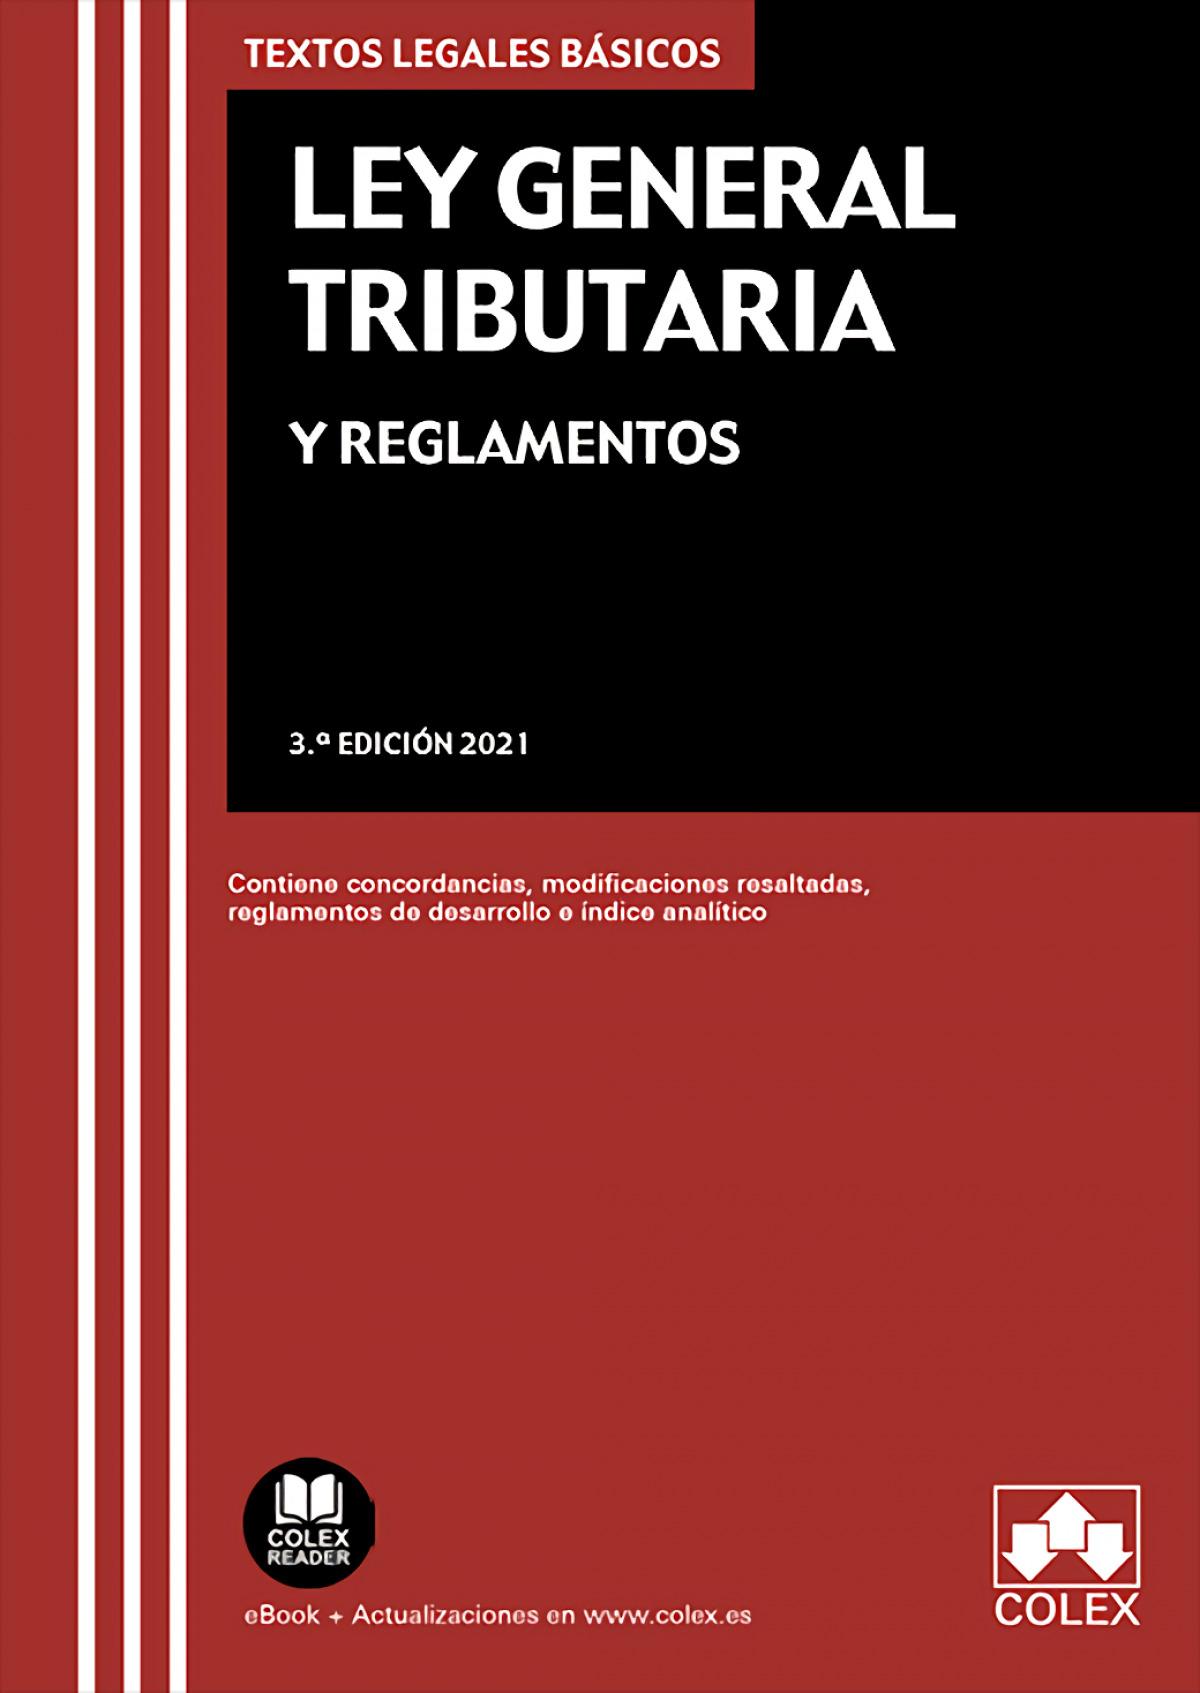 Ley General Tributaria y Reglamentos